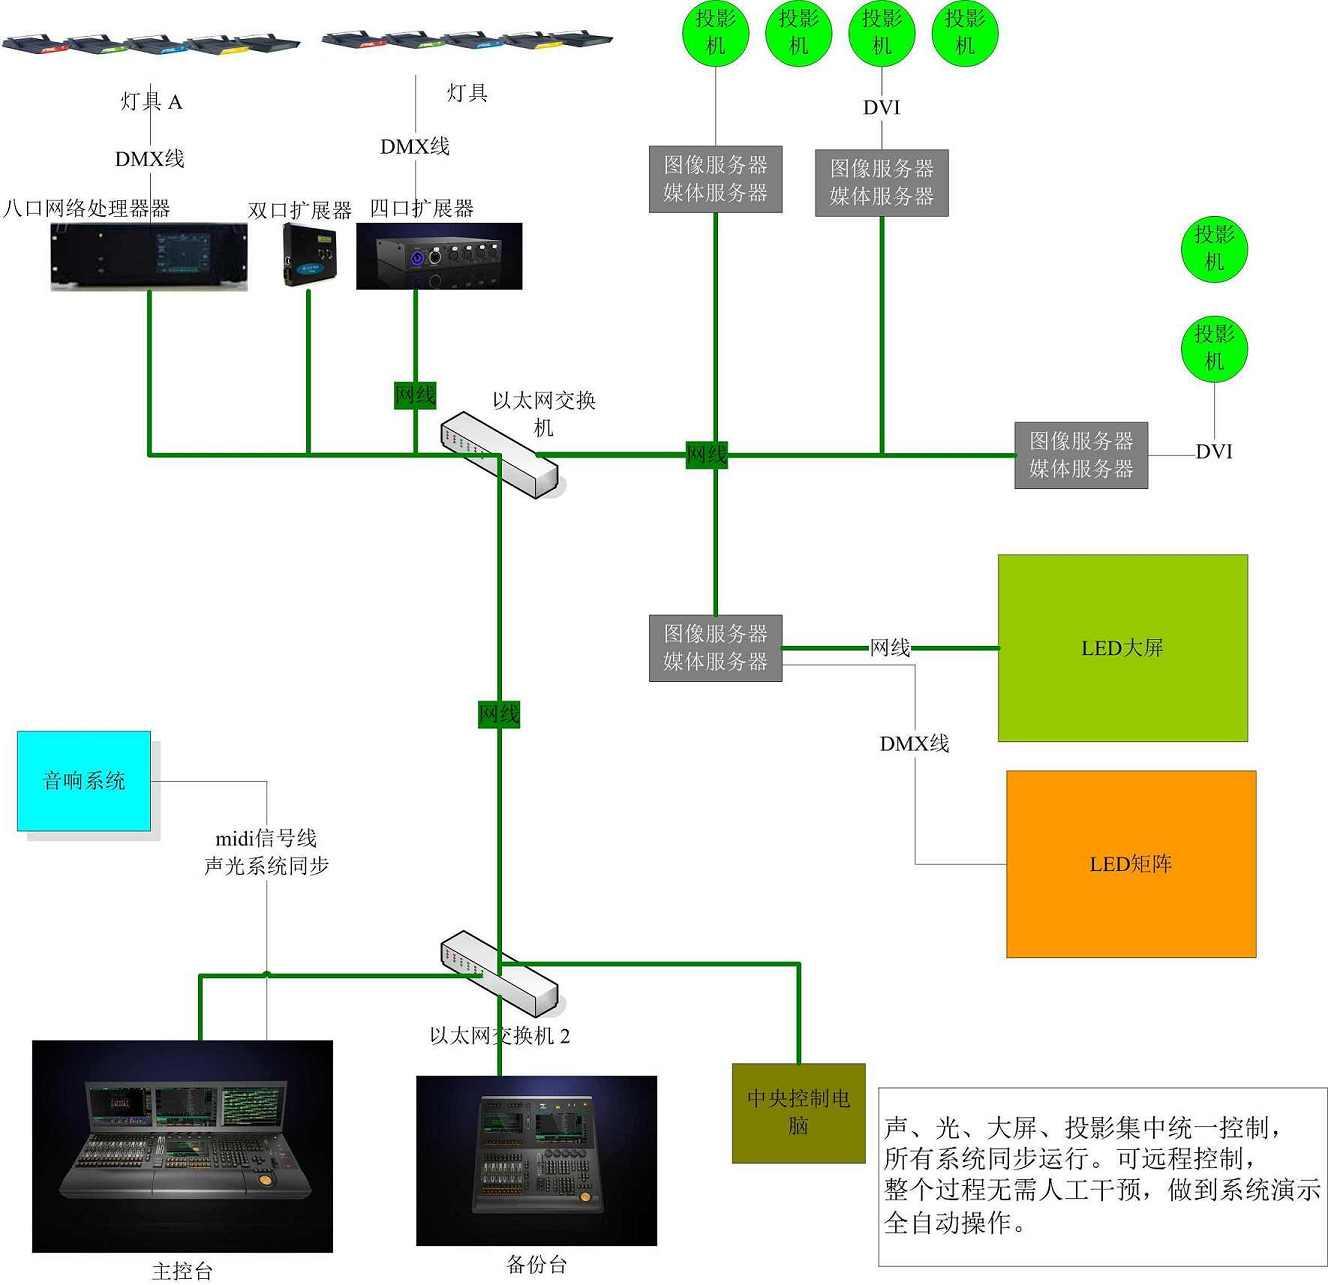 领焰灯光控制系统以领焰灯控台为